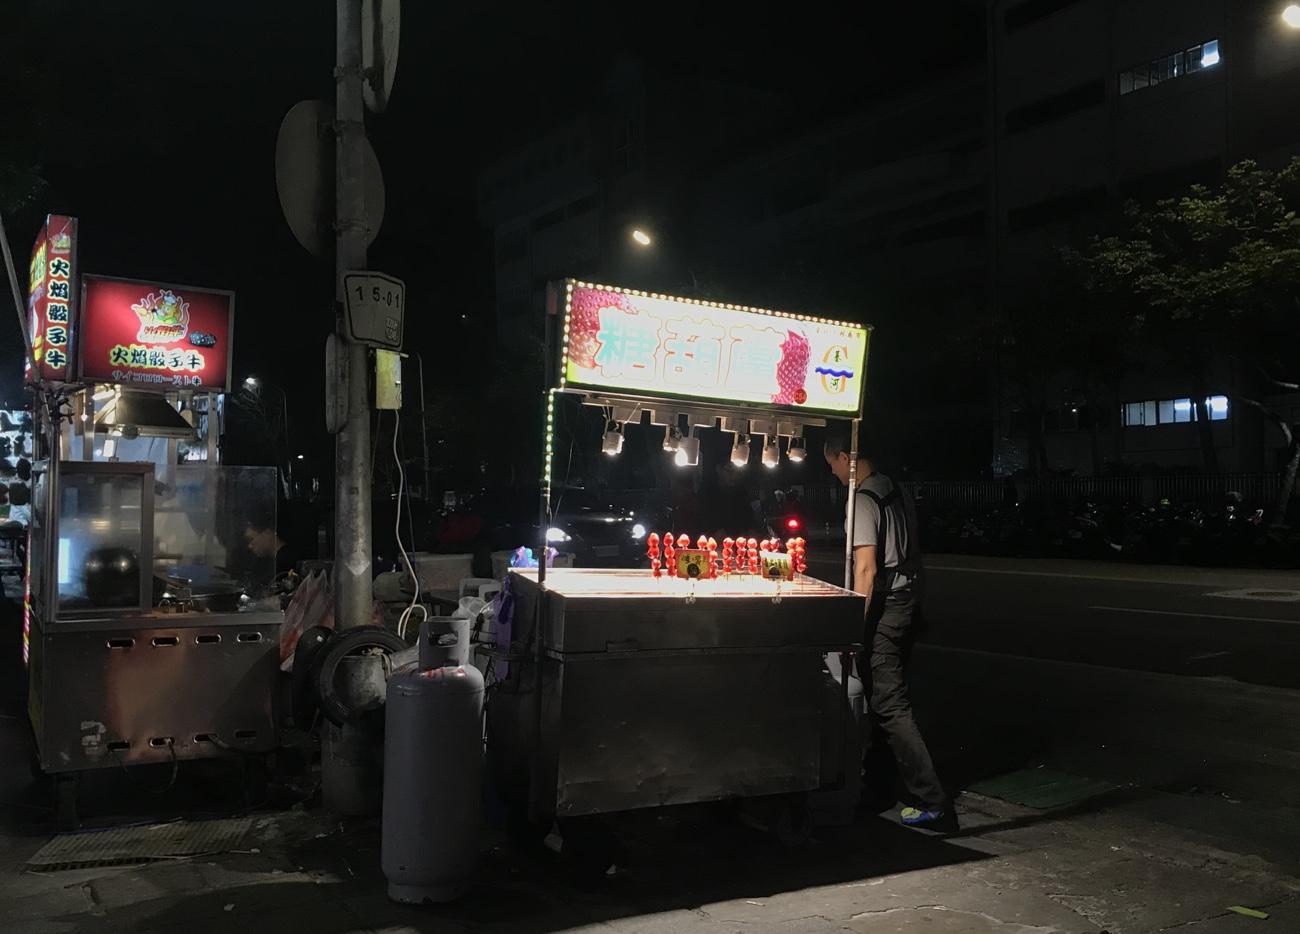 台湾旅行ブログ 士林夜市での台湾グルメ食べ歩き